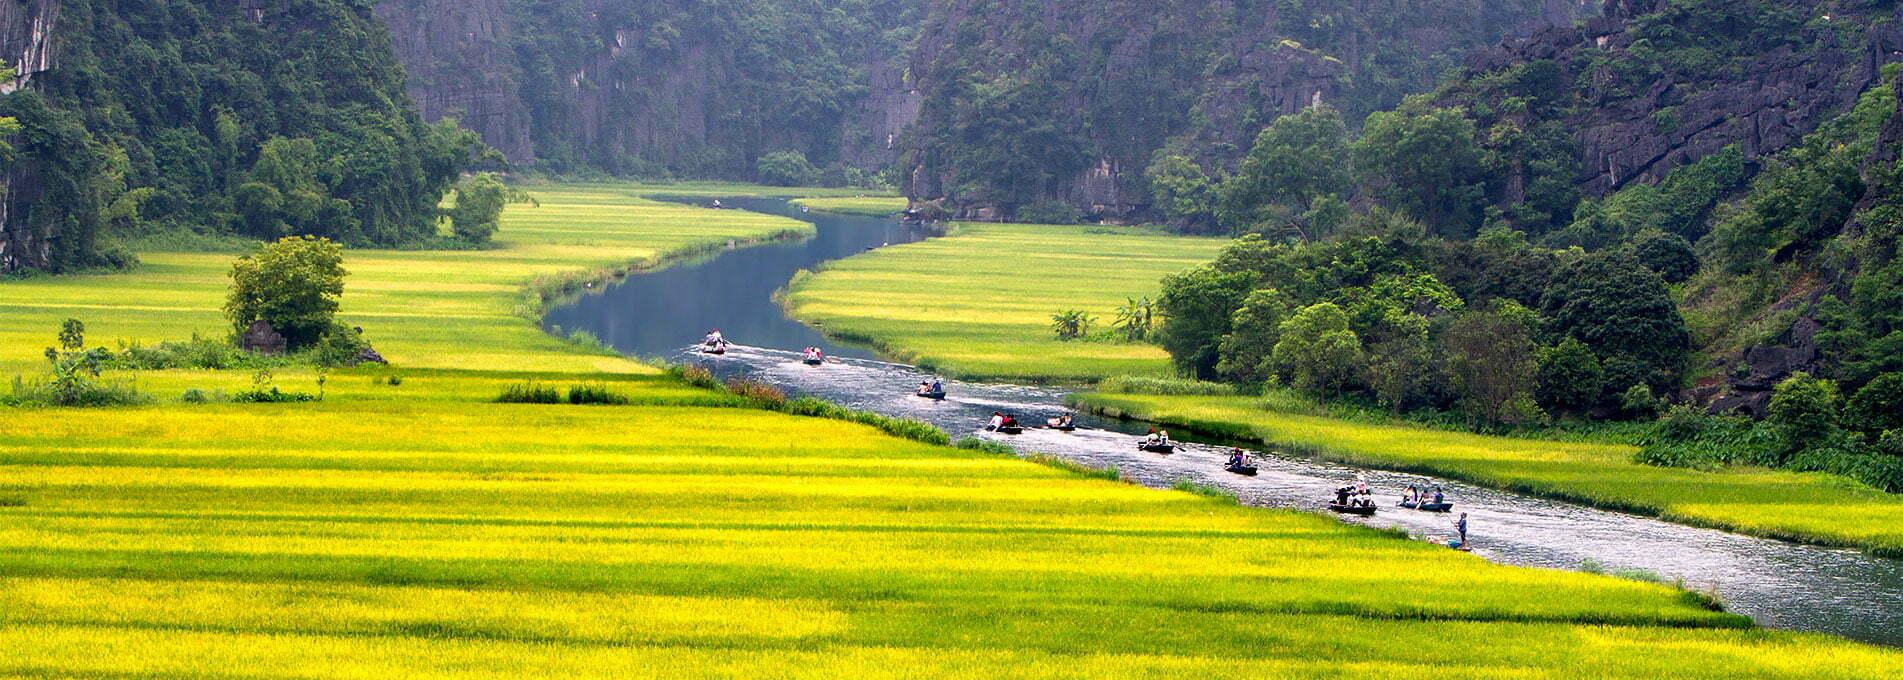 Montagnes, fleuve et champs aux teintes verdoyantes et éclatantes à Ninh Binh